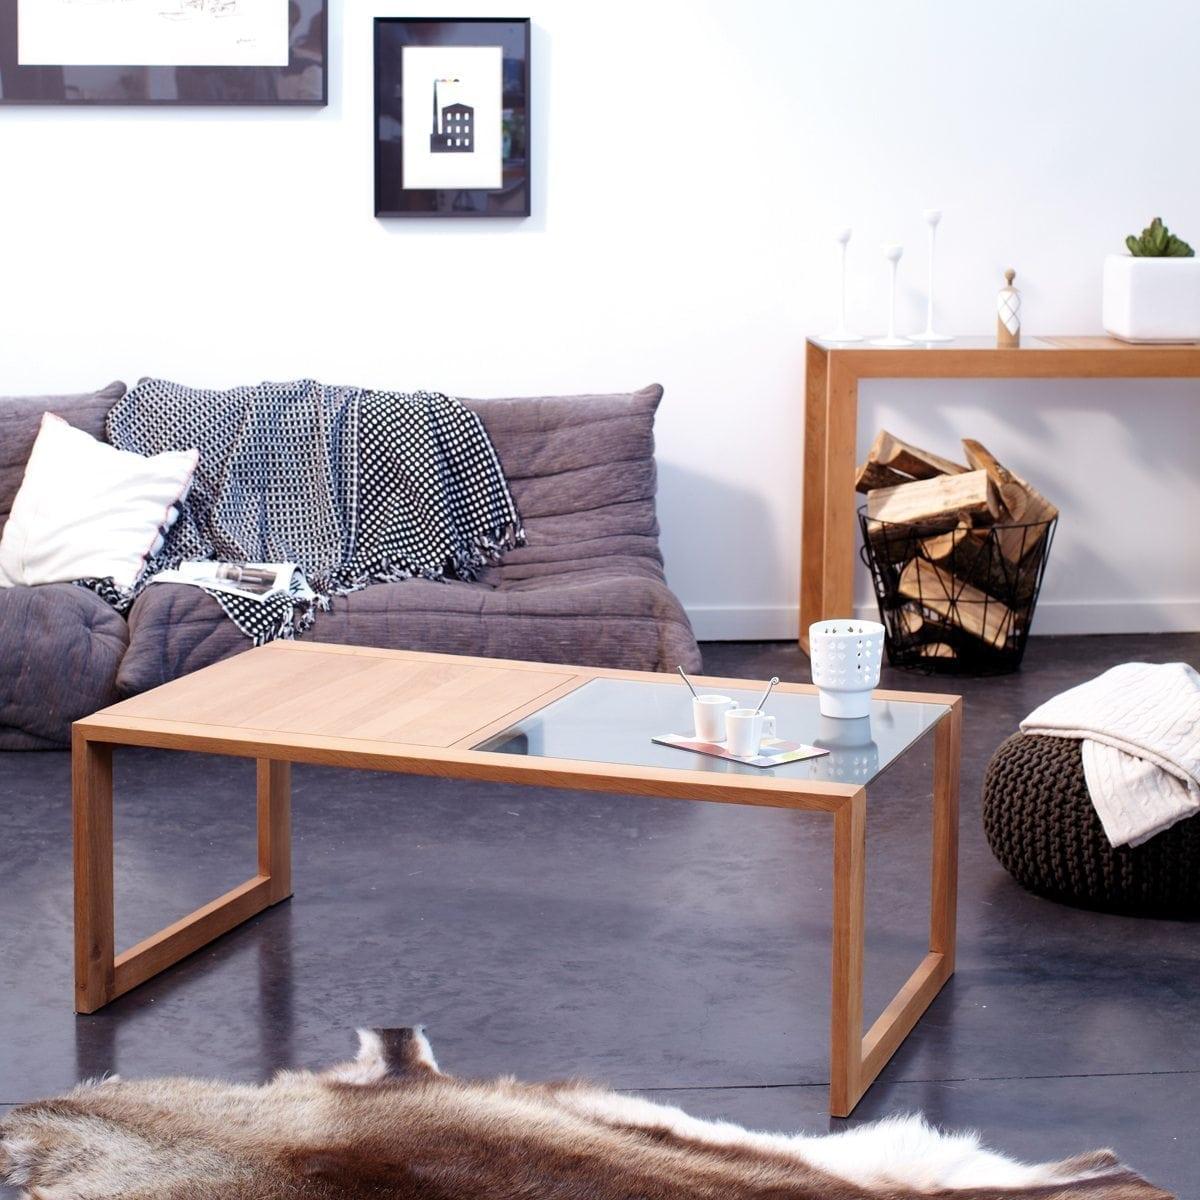 Une table basse rectangulaire en chêne